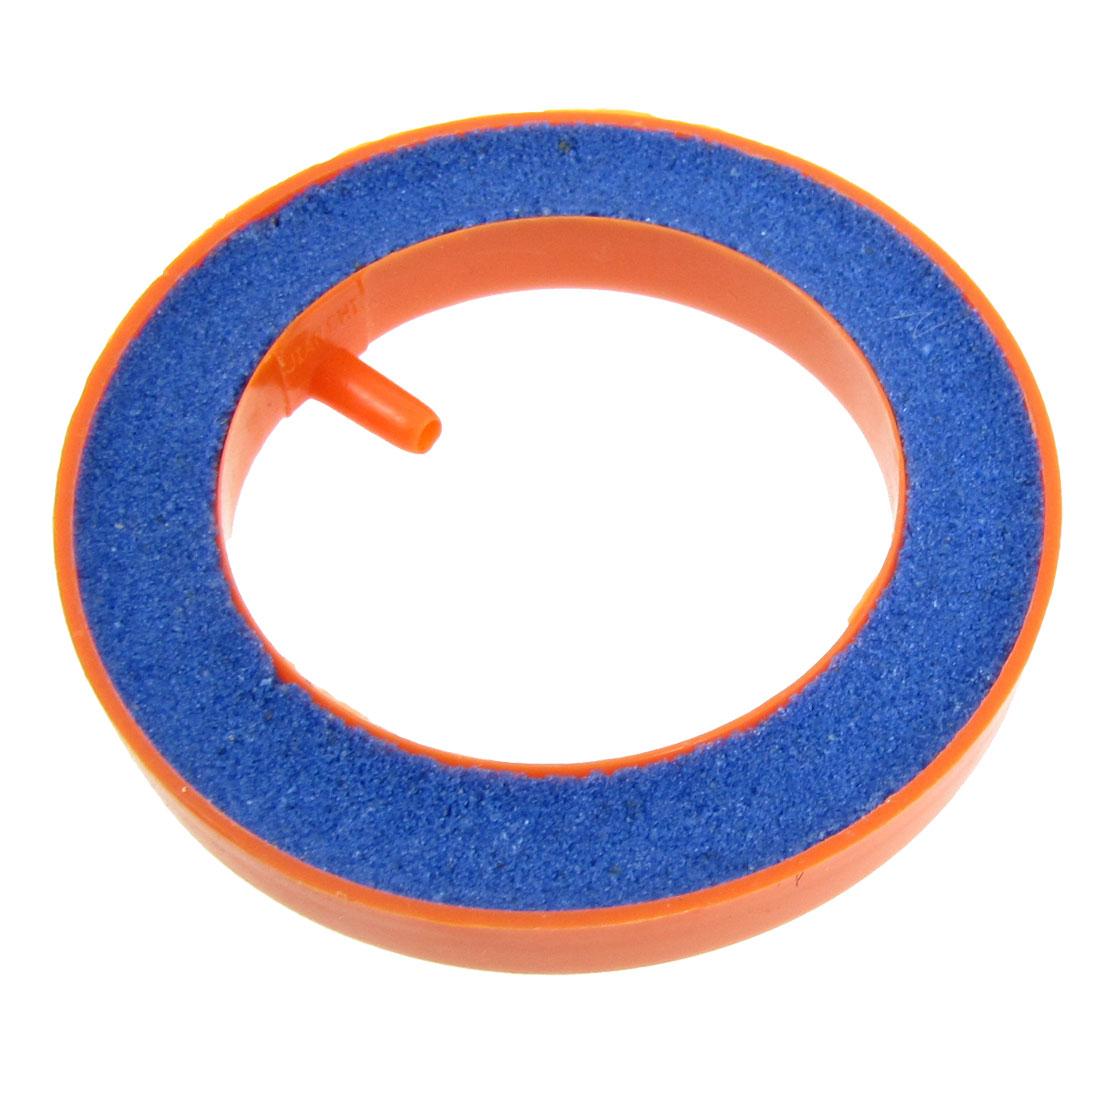 7.5cm Outer Dia Aquarium Tank Round Bubble Air Stone Orange Blue